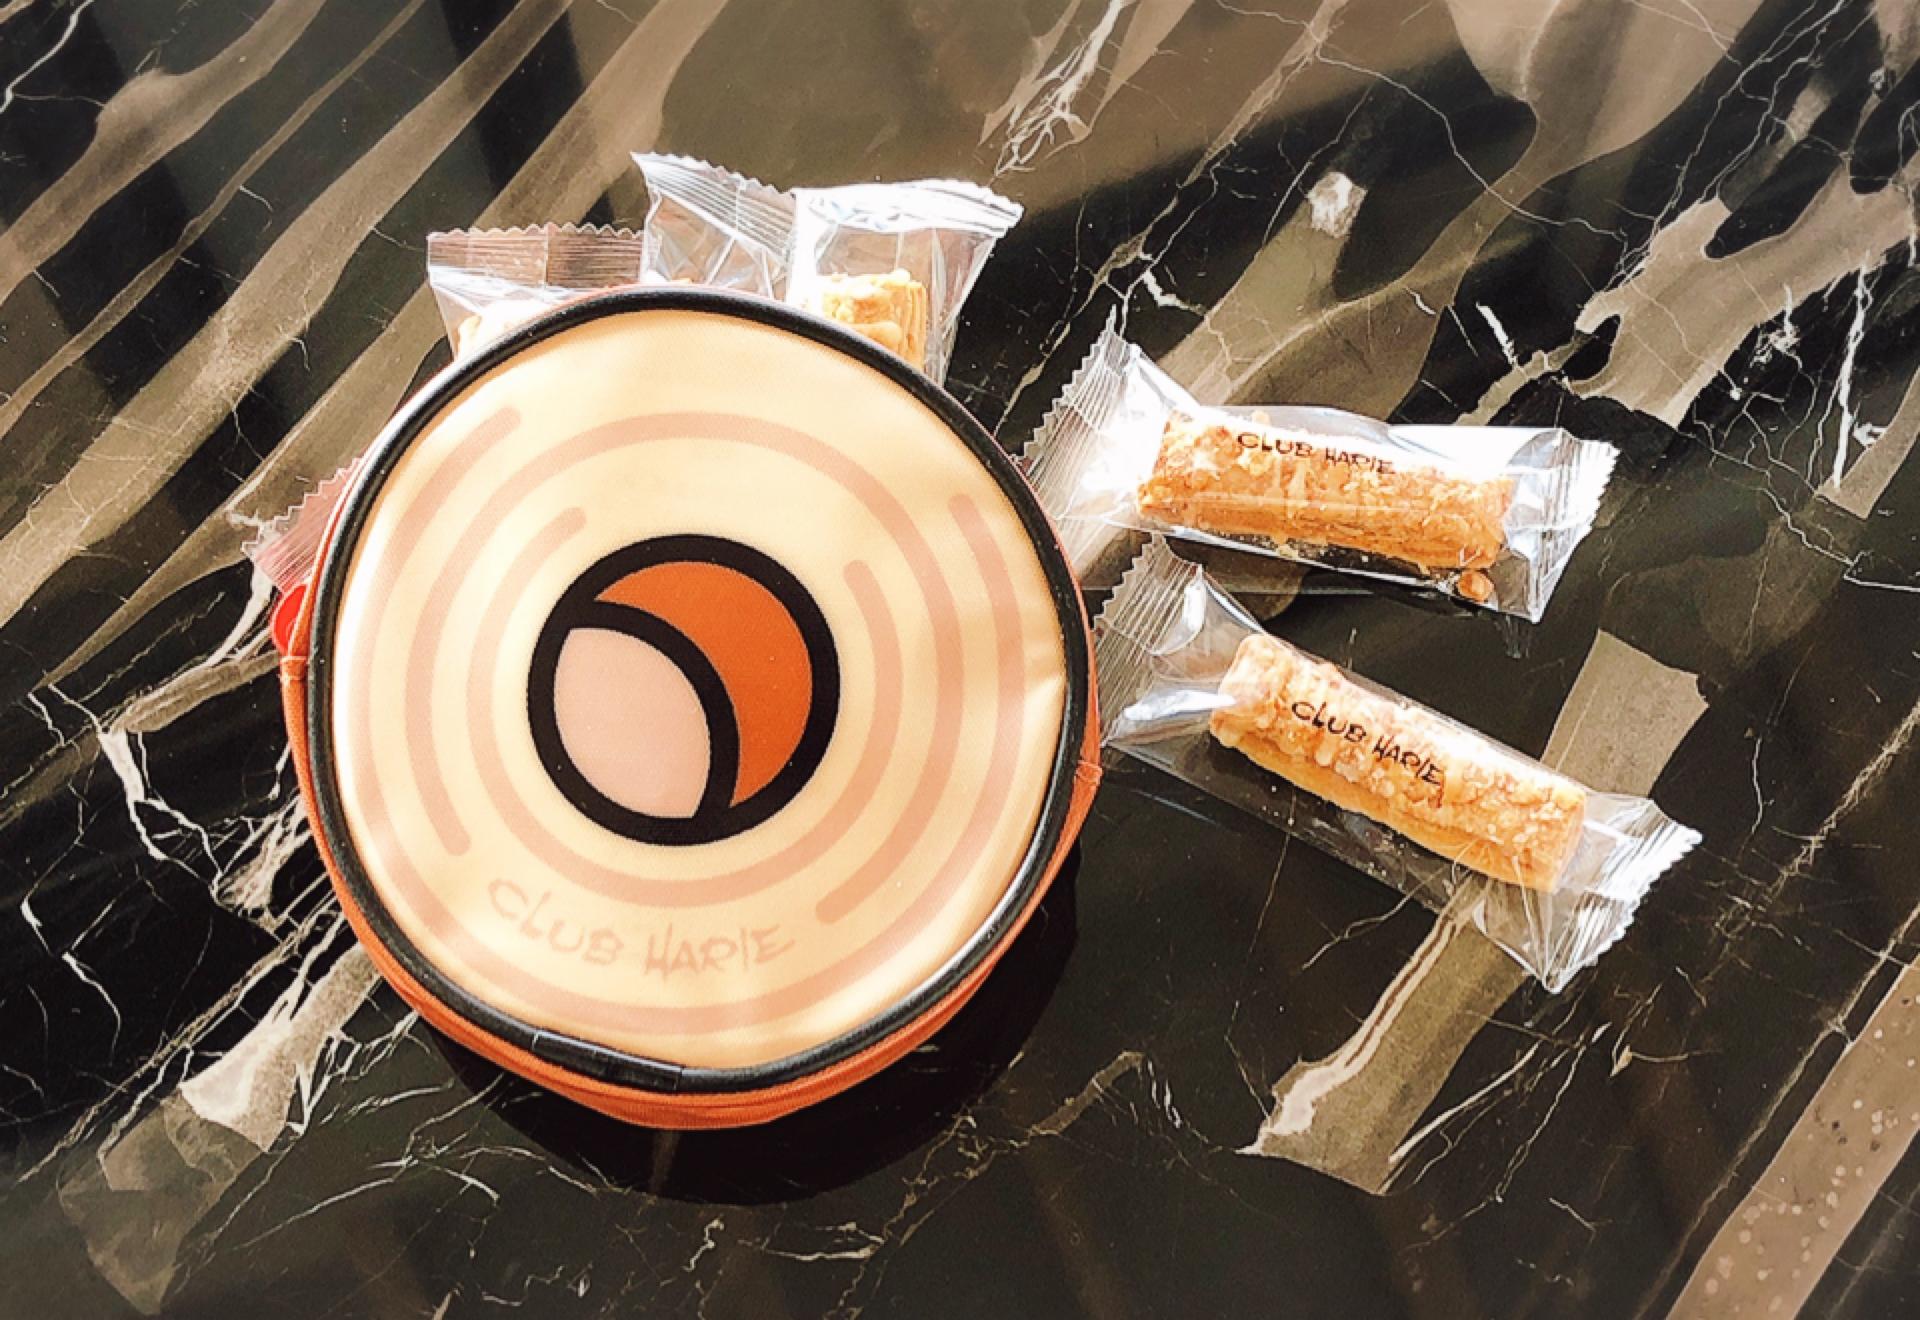 【クラブハリエ】#滋賀県 ふんわり生どら焼きが美味!可愛いバームクーヘン型ポーチの中にはパイが(*´꒳`*)_4